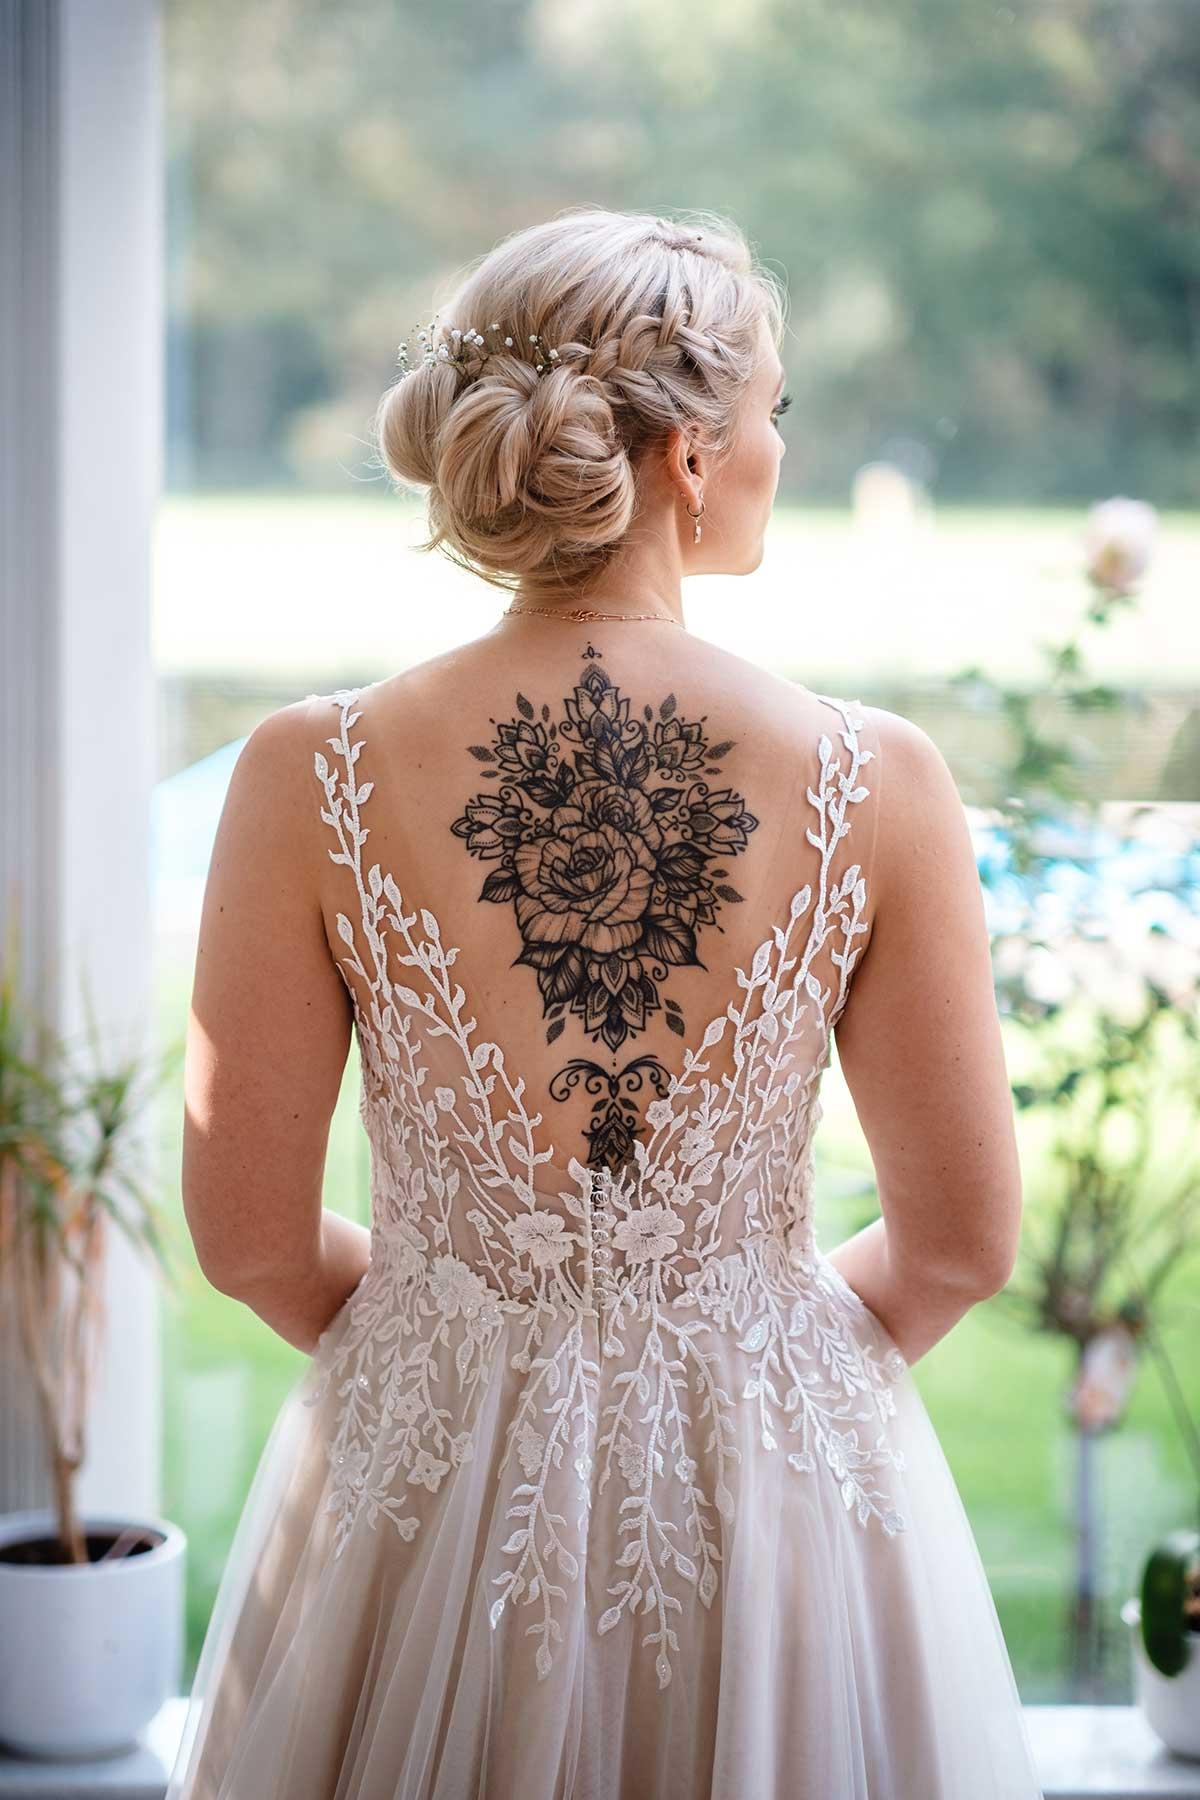 Braut im Brautkleid mit großem Rückentattoo